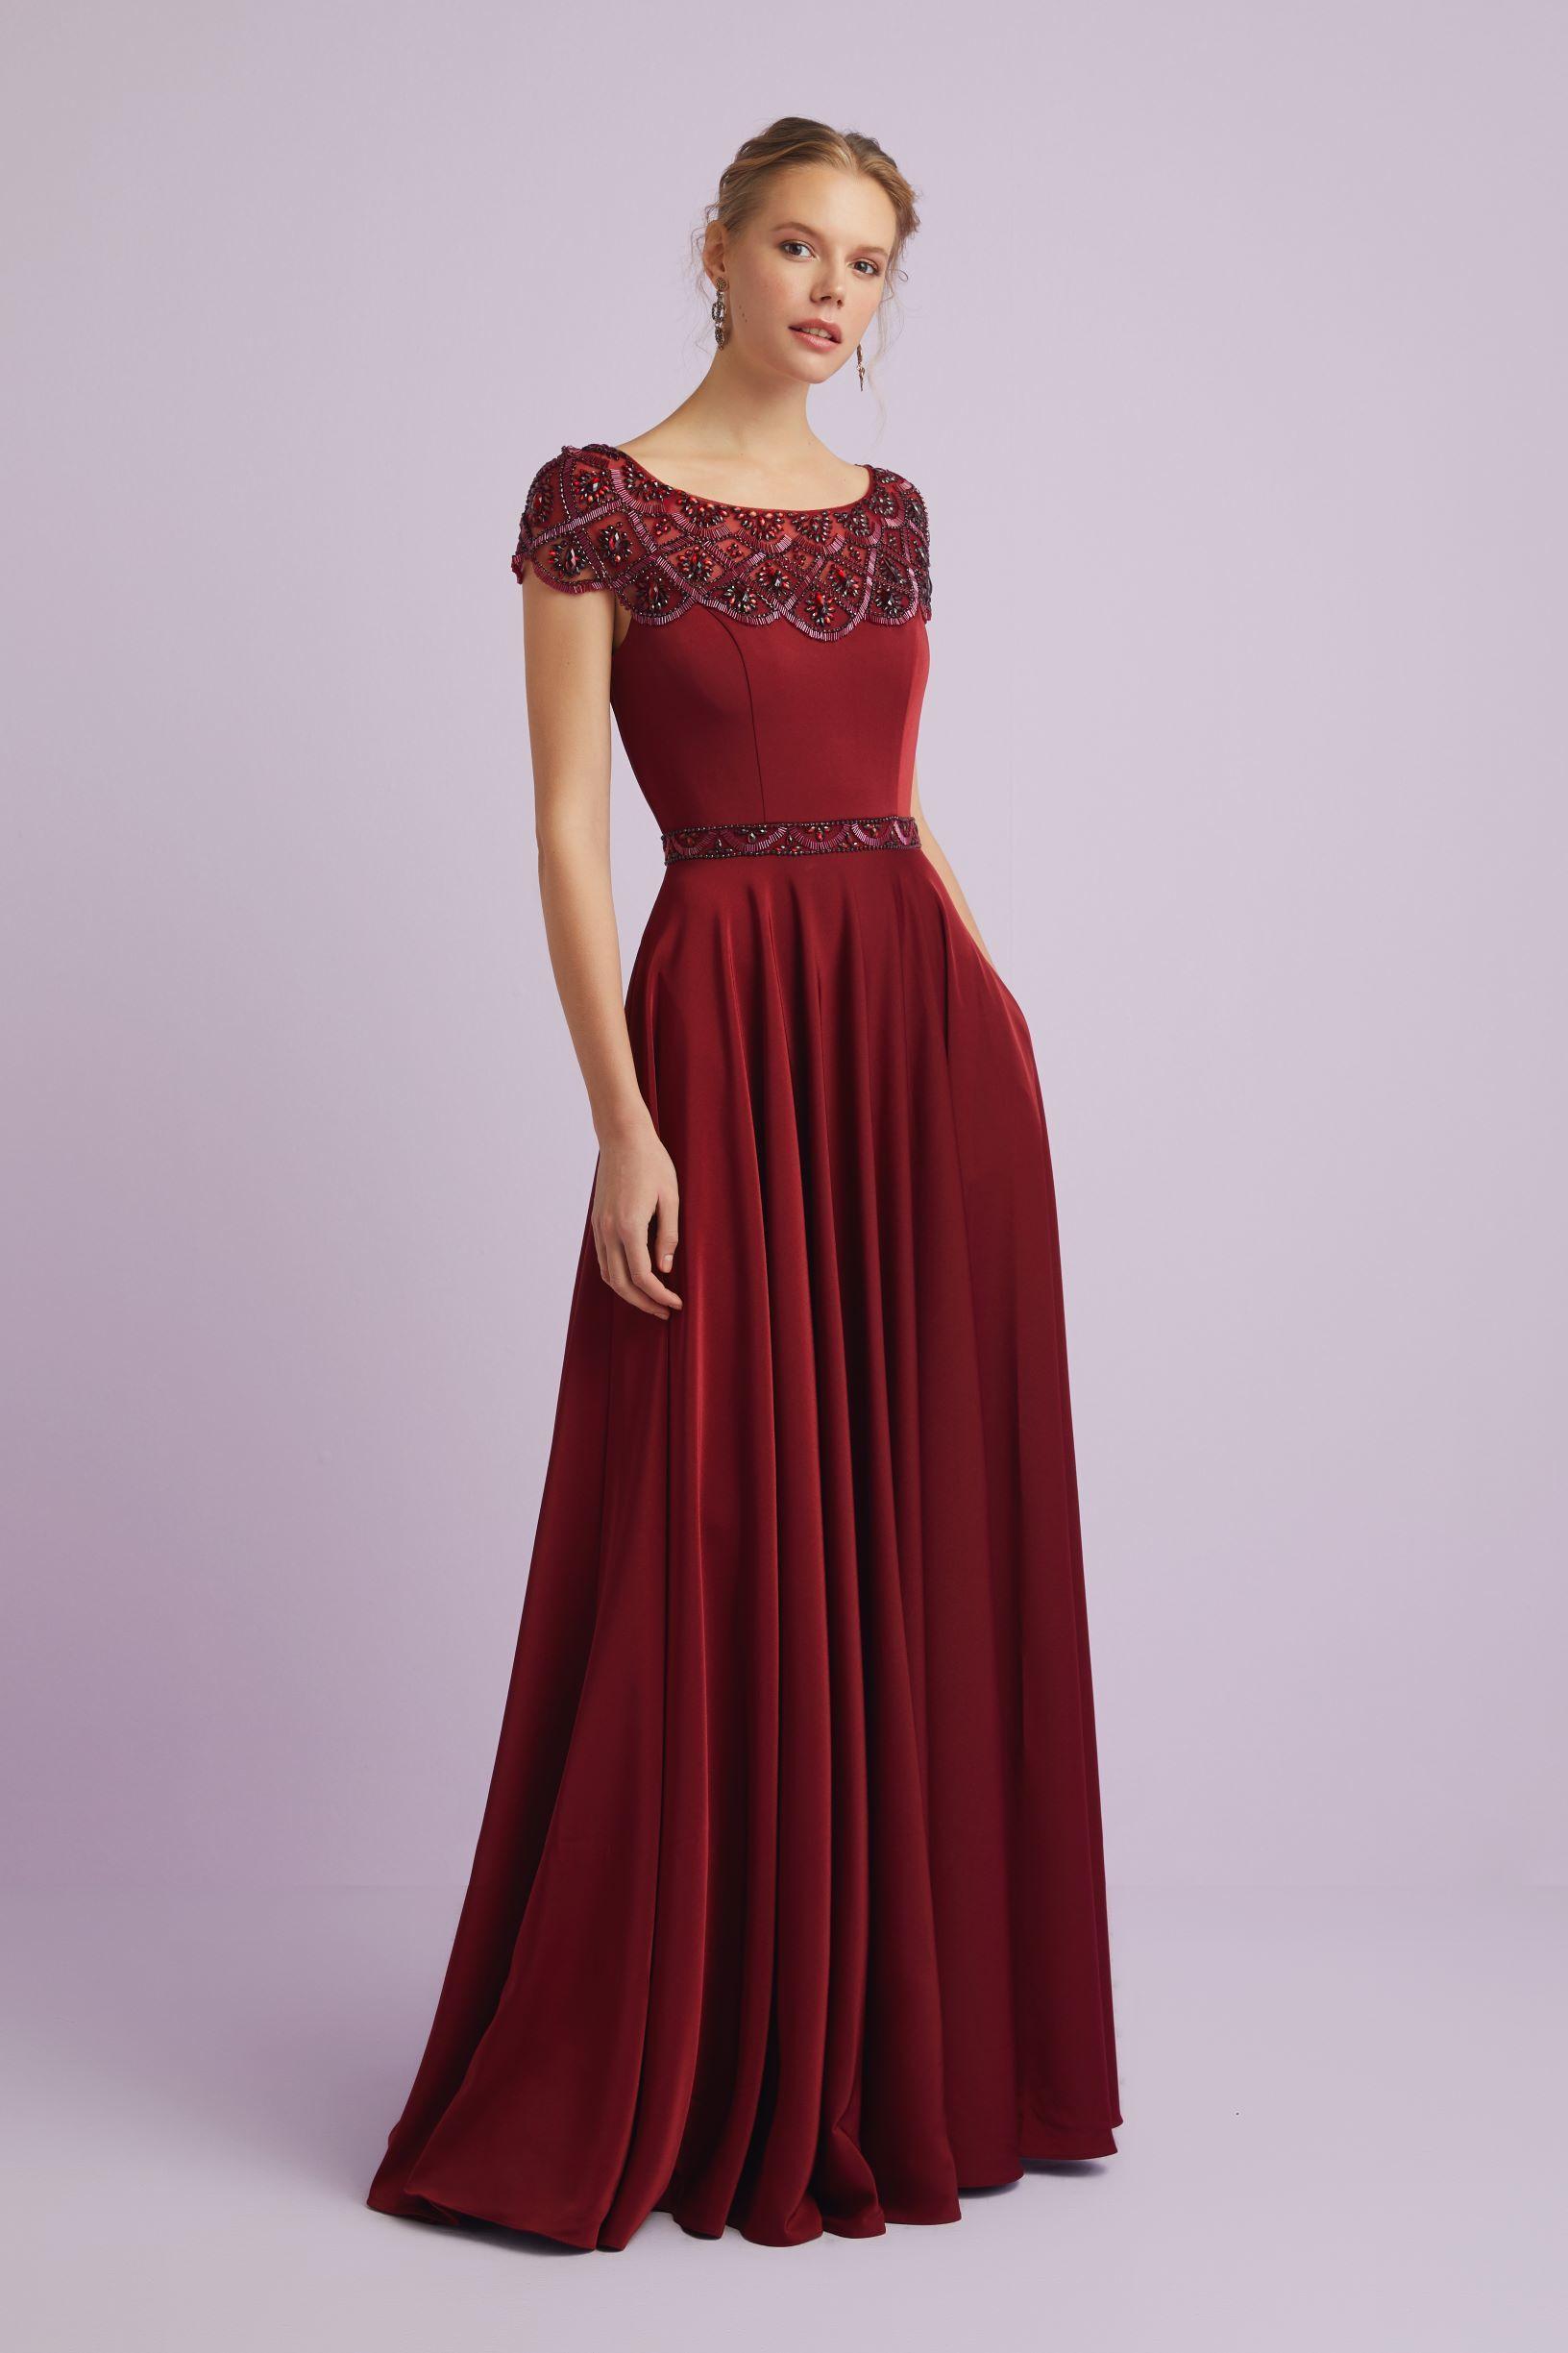 27d473b2b6ab4 Söz ve nişanı farklı günlerde ya da aynı gün içerisinde planlayanlardan  biriyseniz ve giyeceğiniz nişan elbisesi